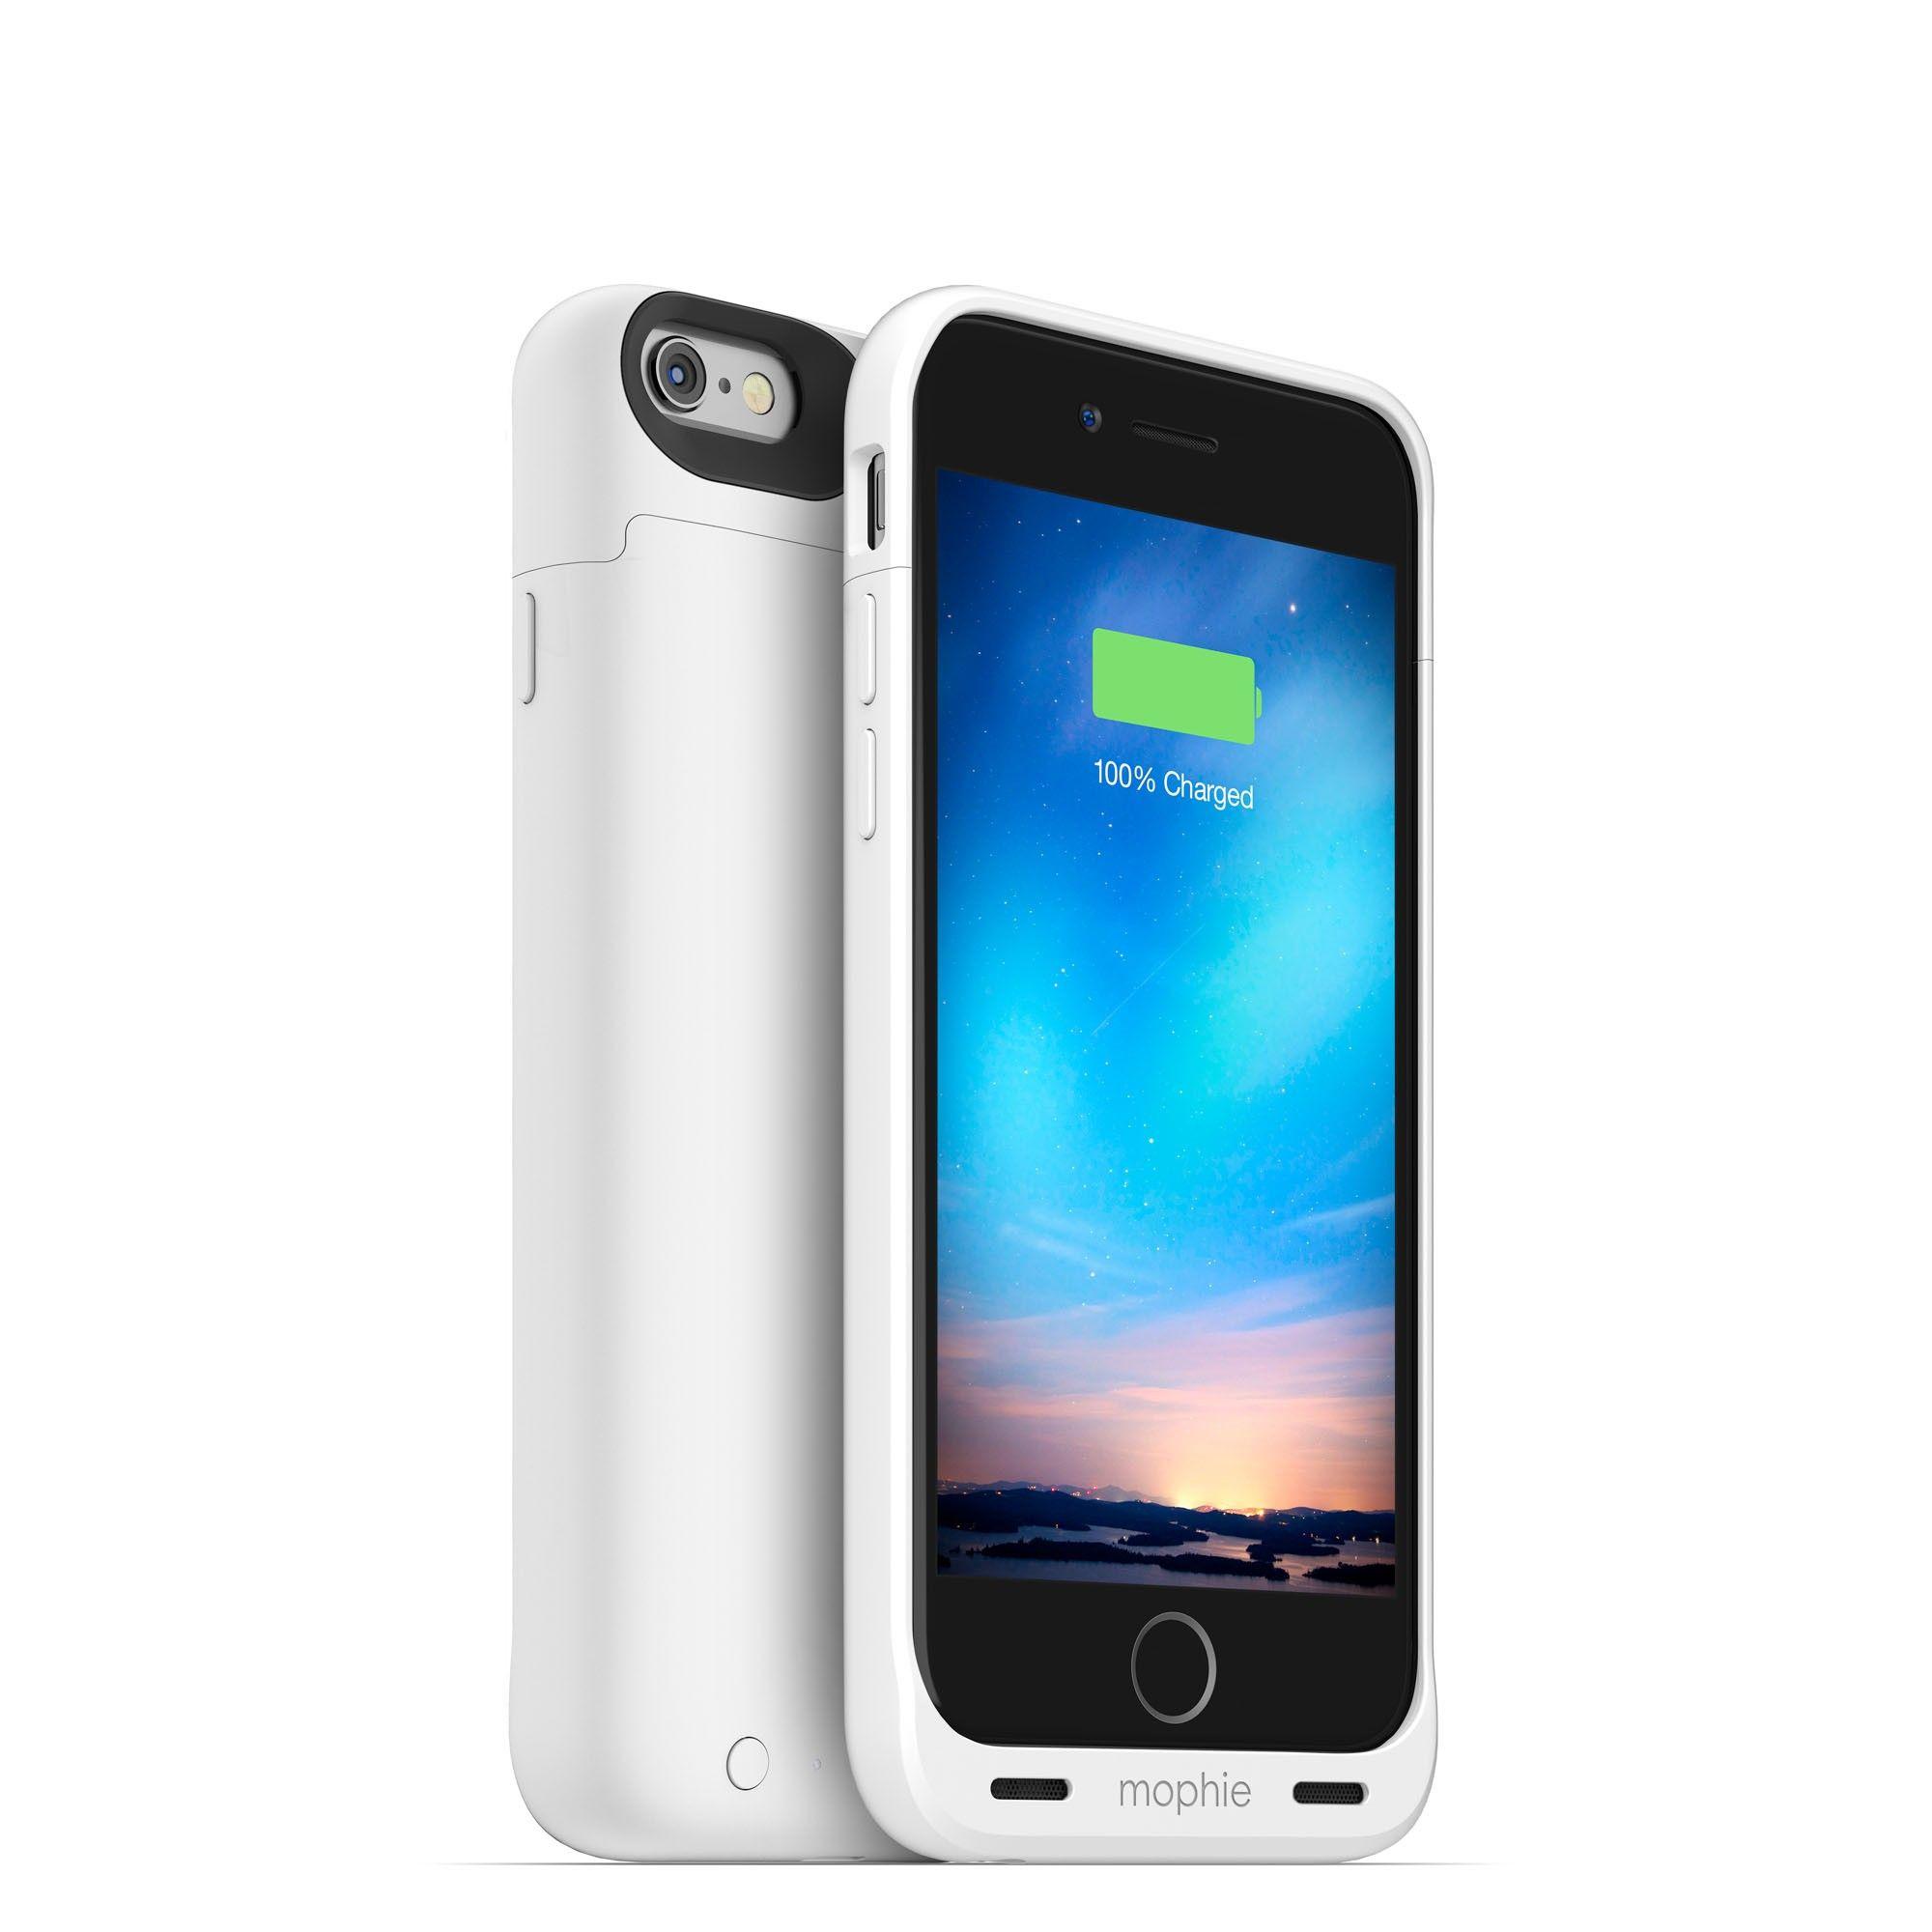 iphone 6 external battery case